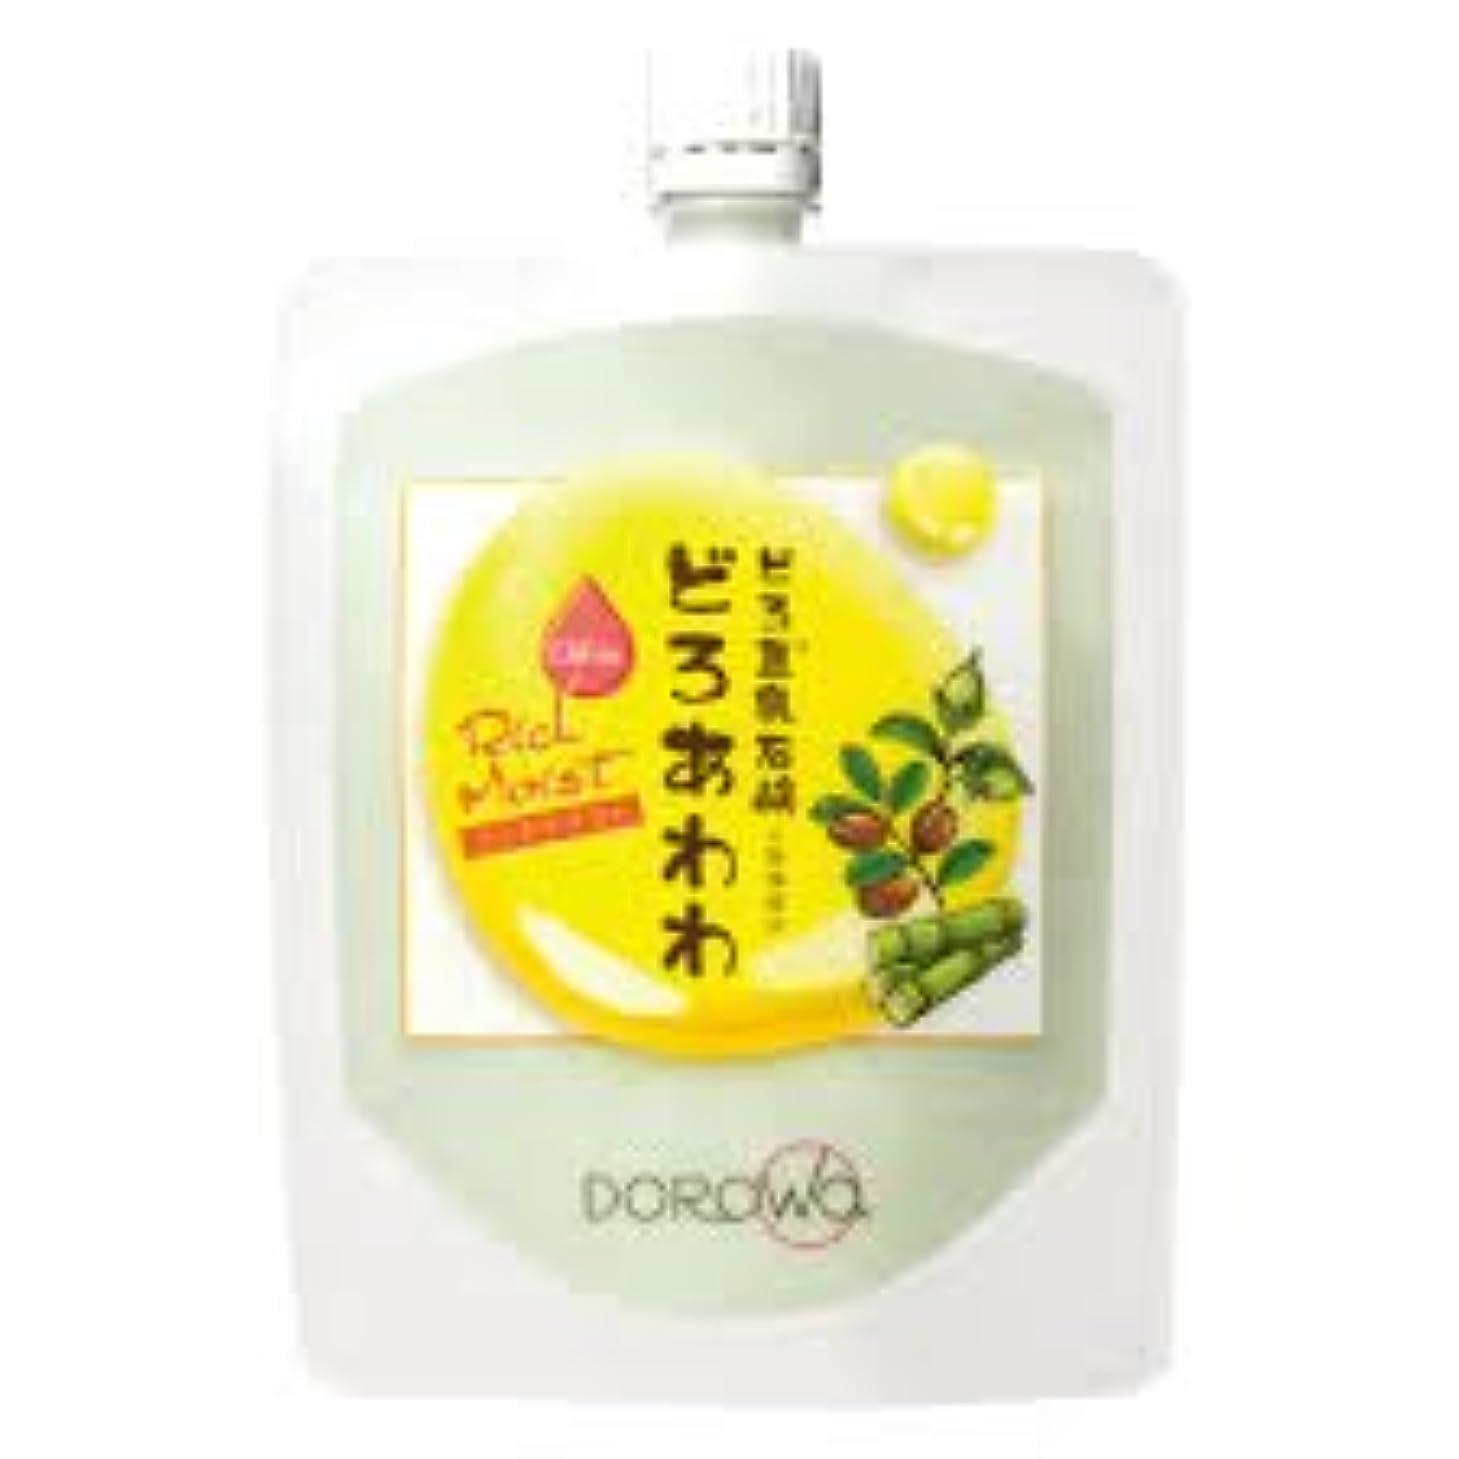 アルファベット器具ふける【DOROwa(ドロワ)】どろ豆乳石鹸 どろあわわ〈リッチモイスト〉